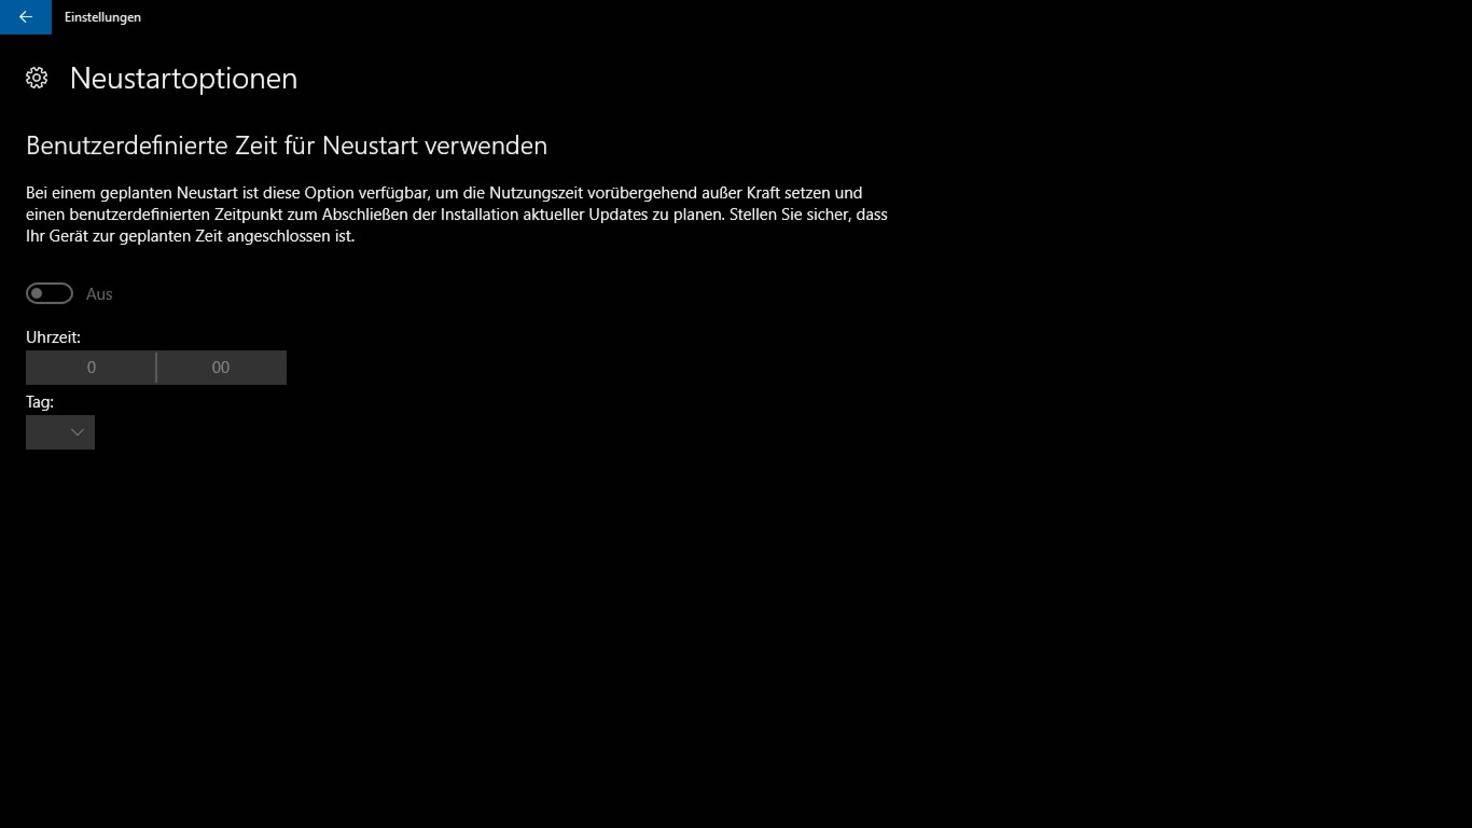 Windows 10 Neustartoptionen